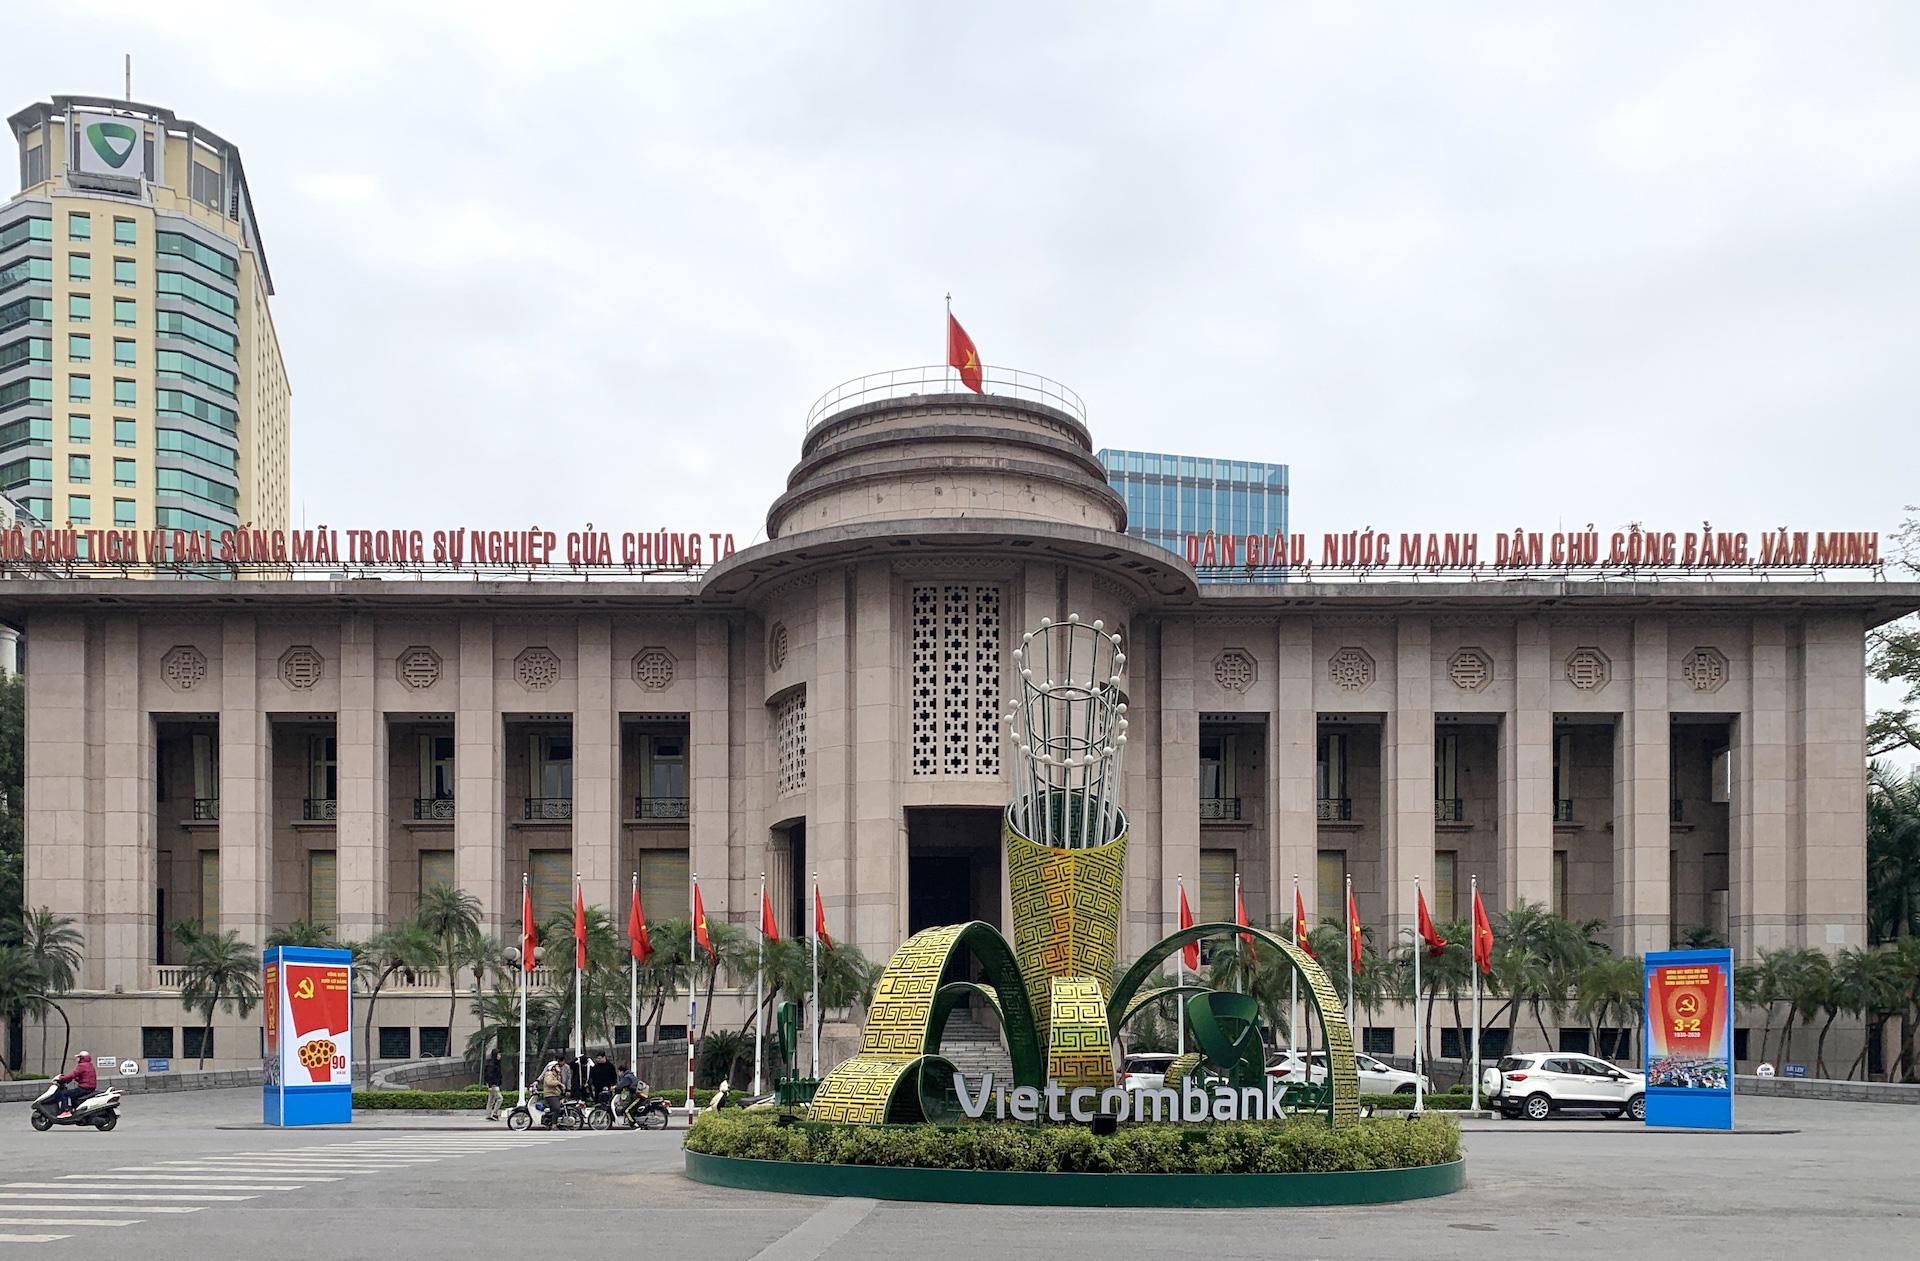 Tài khoản cư dân biên giới mở tại ngân hàng ở Trung Quốc bị phong tỏa, tịch thu: Ngân hàng Nhà nước nói gì? - Ảnh 3.